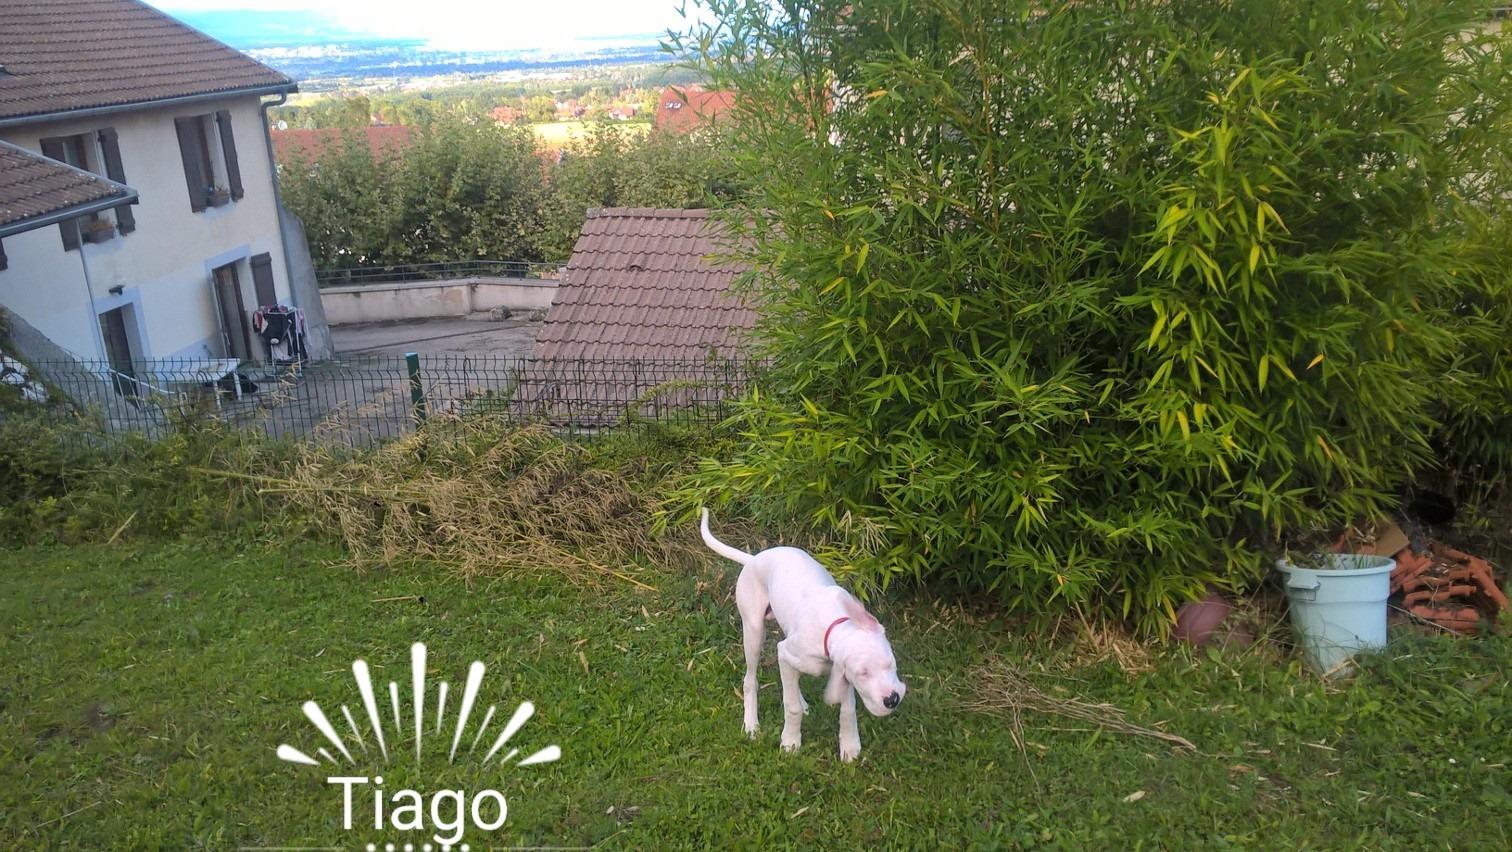 Yago (Tiago)